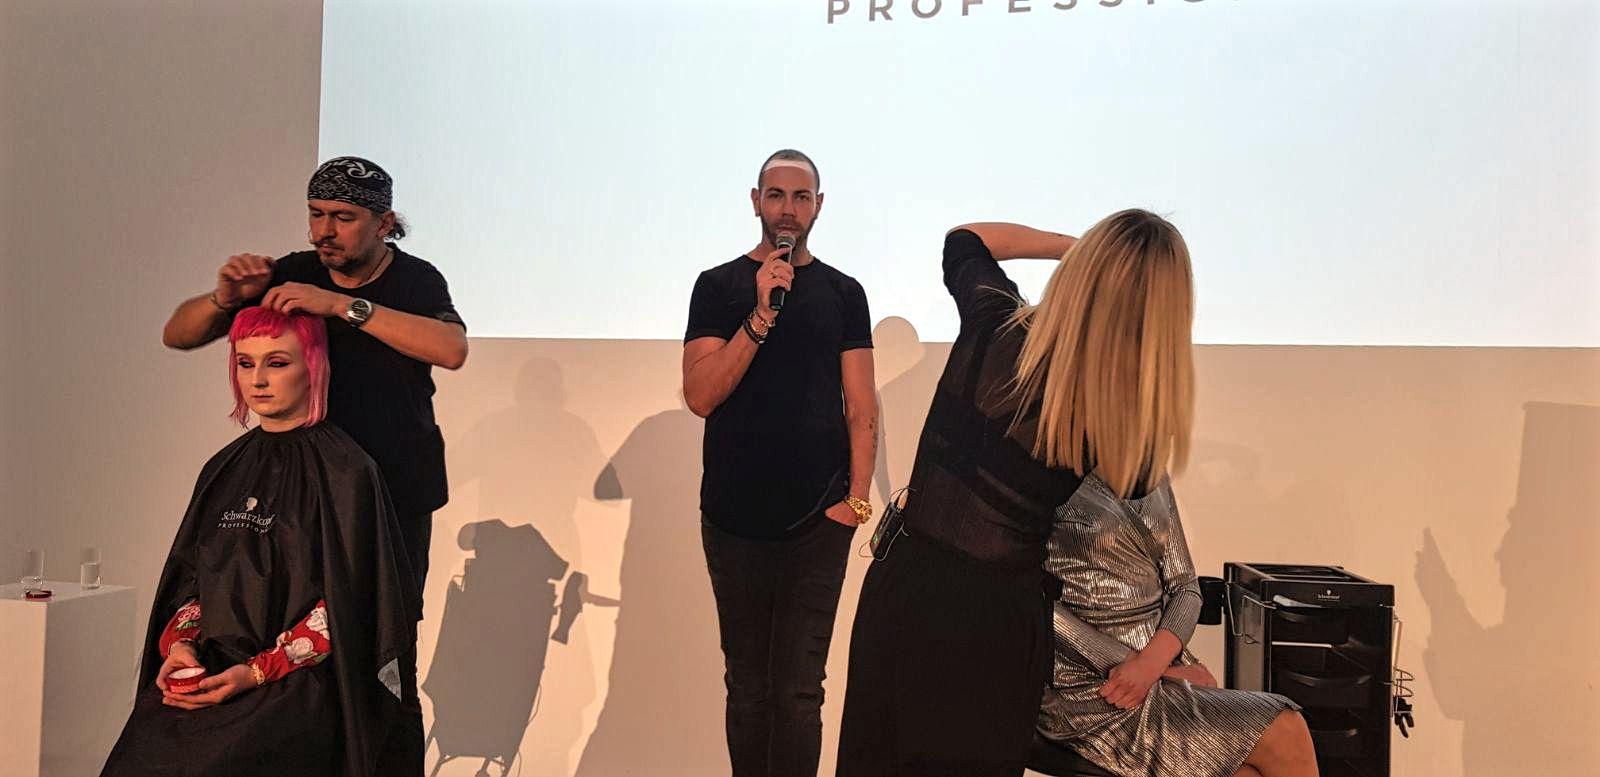 יומן מסע שוורצקופף 2018 ורשה - דיווח בלעדי של מגזין הדליין